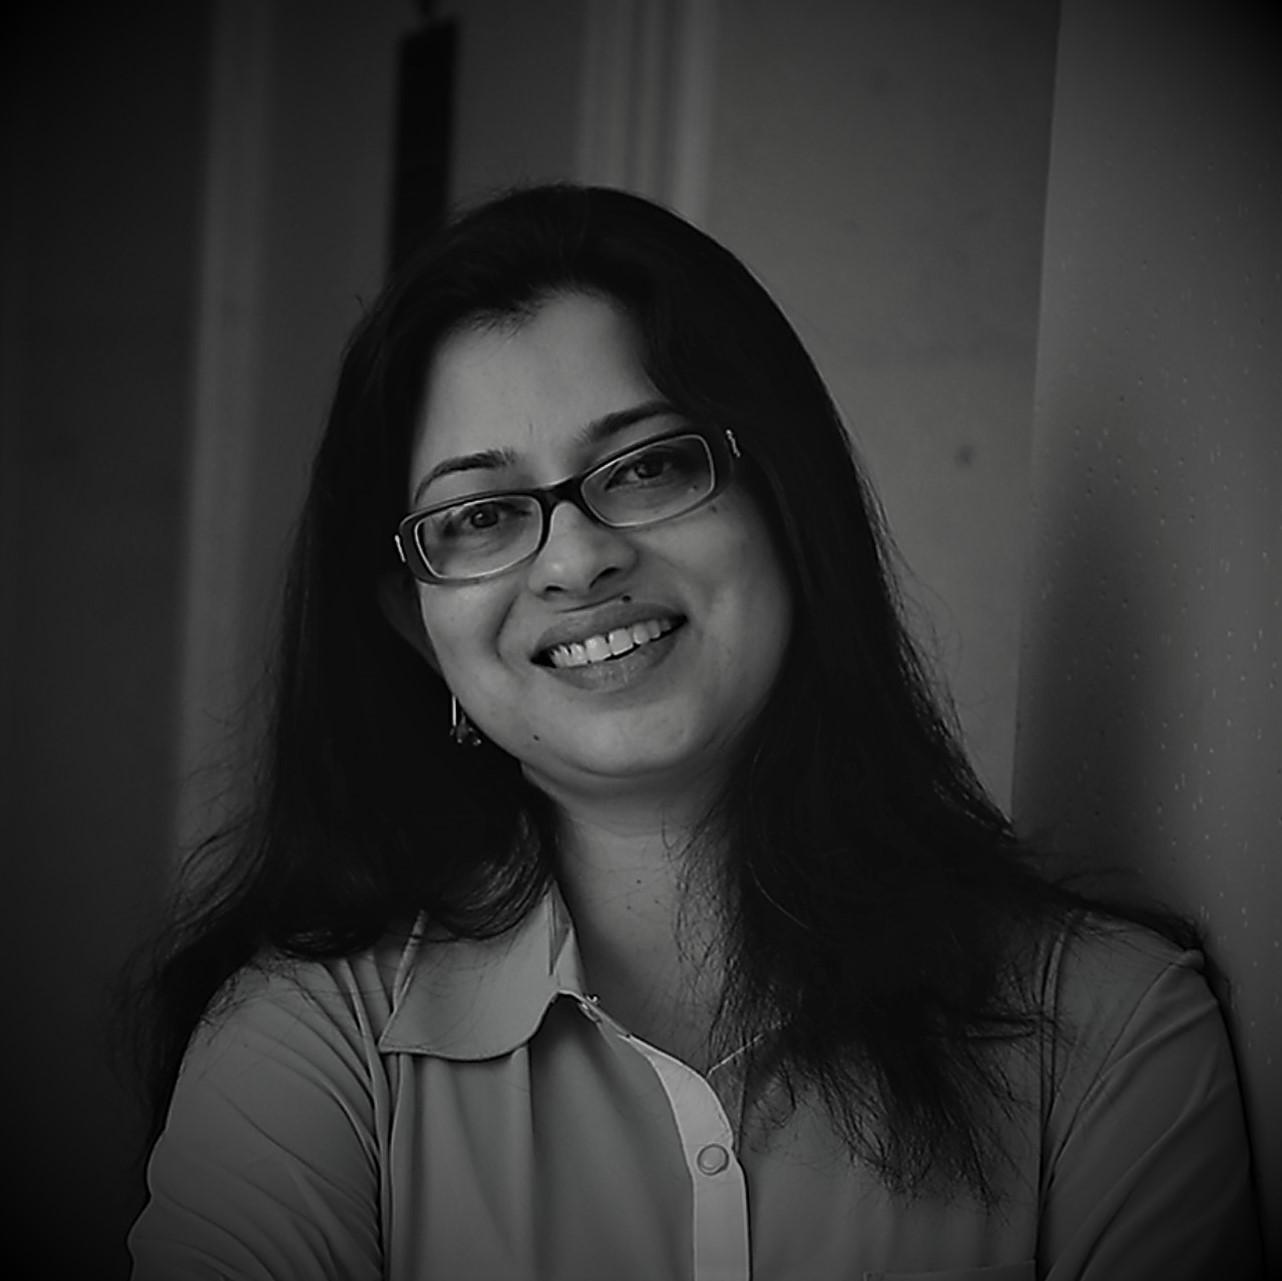 Sanchayeeta Verma